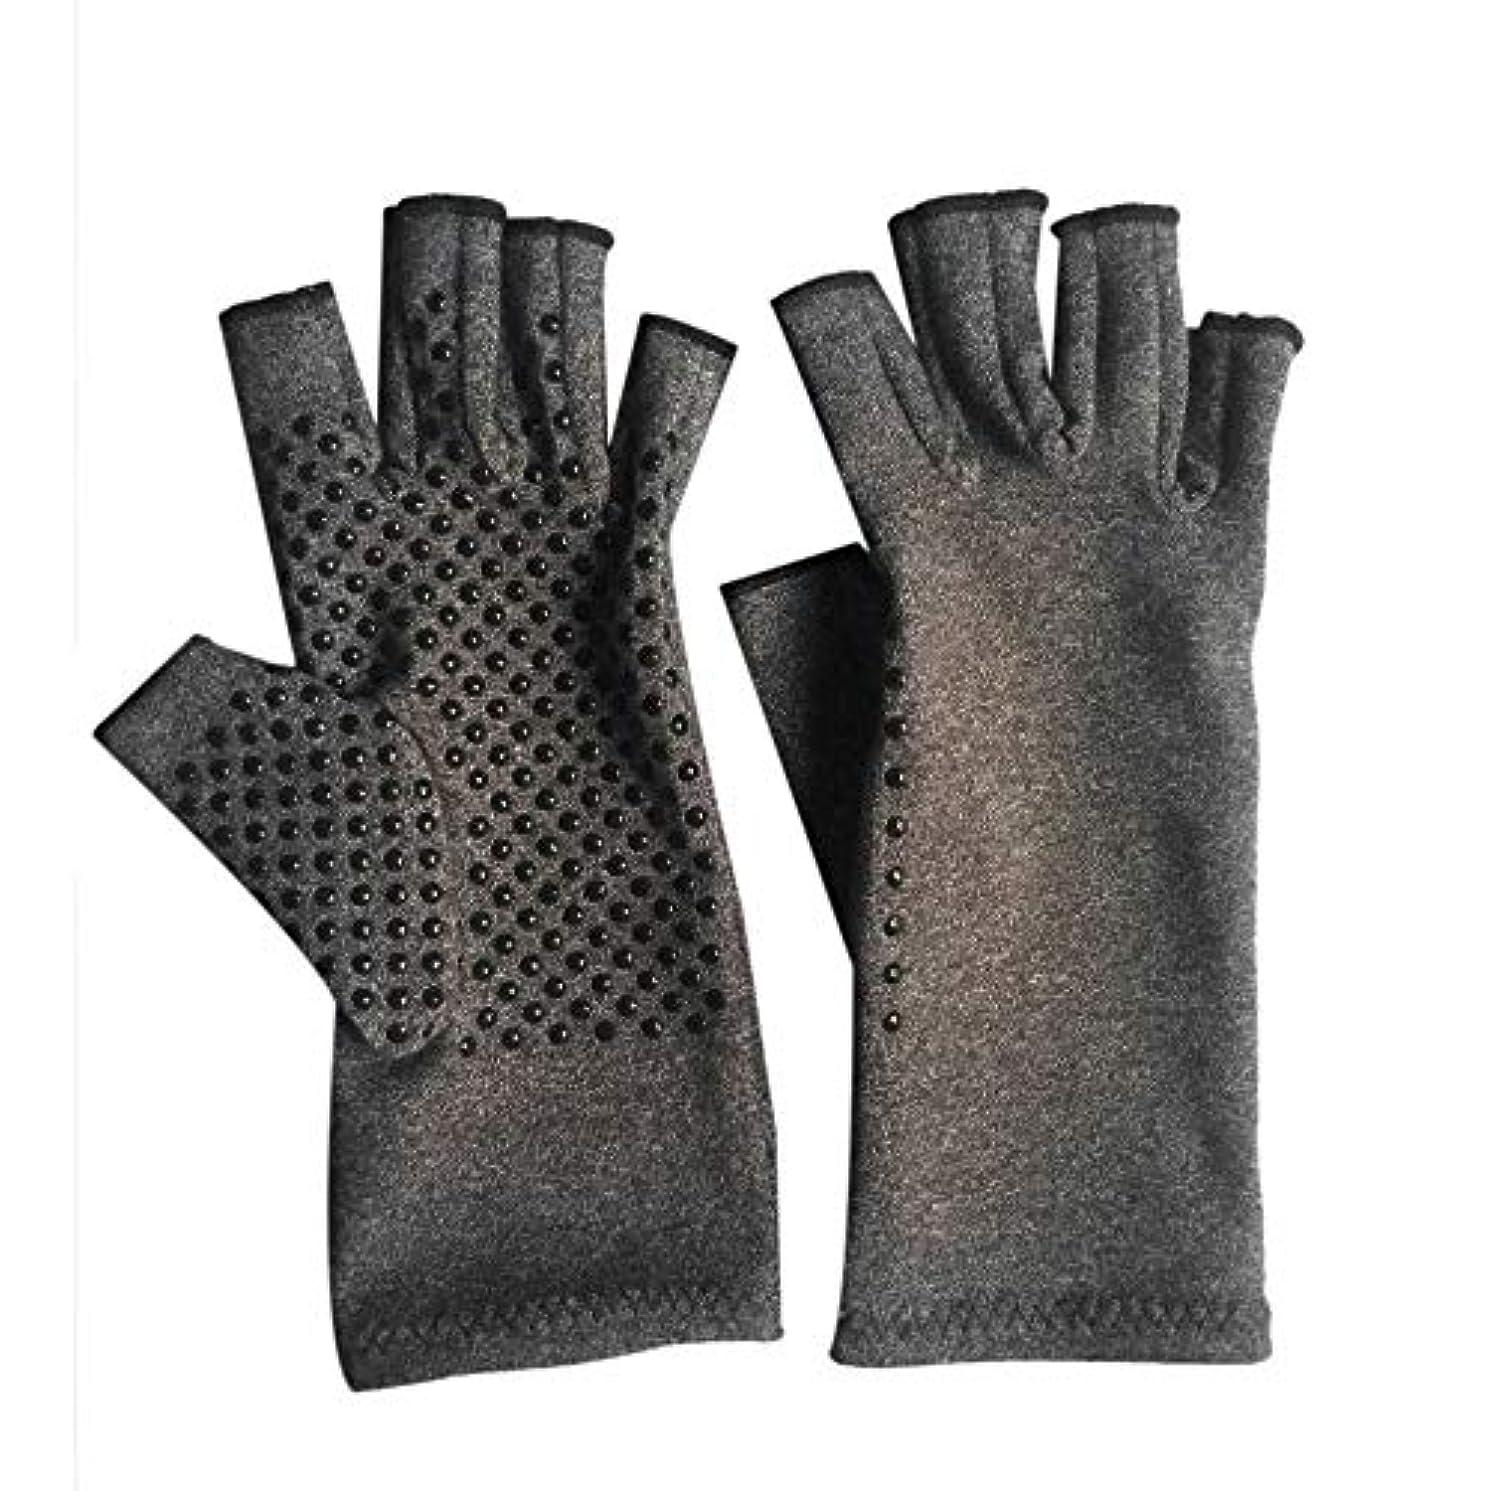 思い出させる危機寛大さ1ペアユニセックス男性女性療法圧縮手袋関節炎関節痛緩和ヘルスケア半指手袋トレーニング手袋 - グレーM